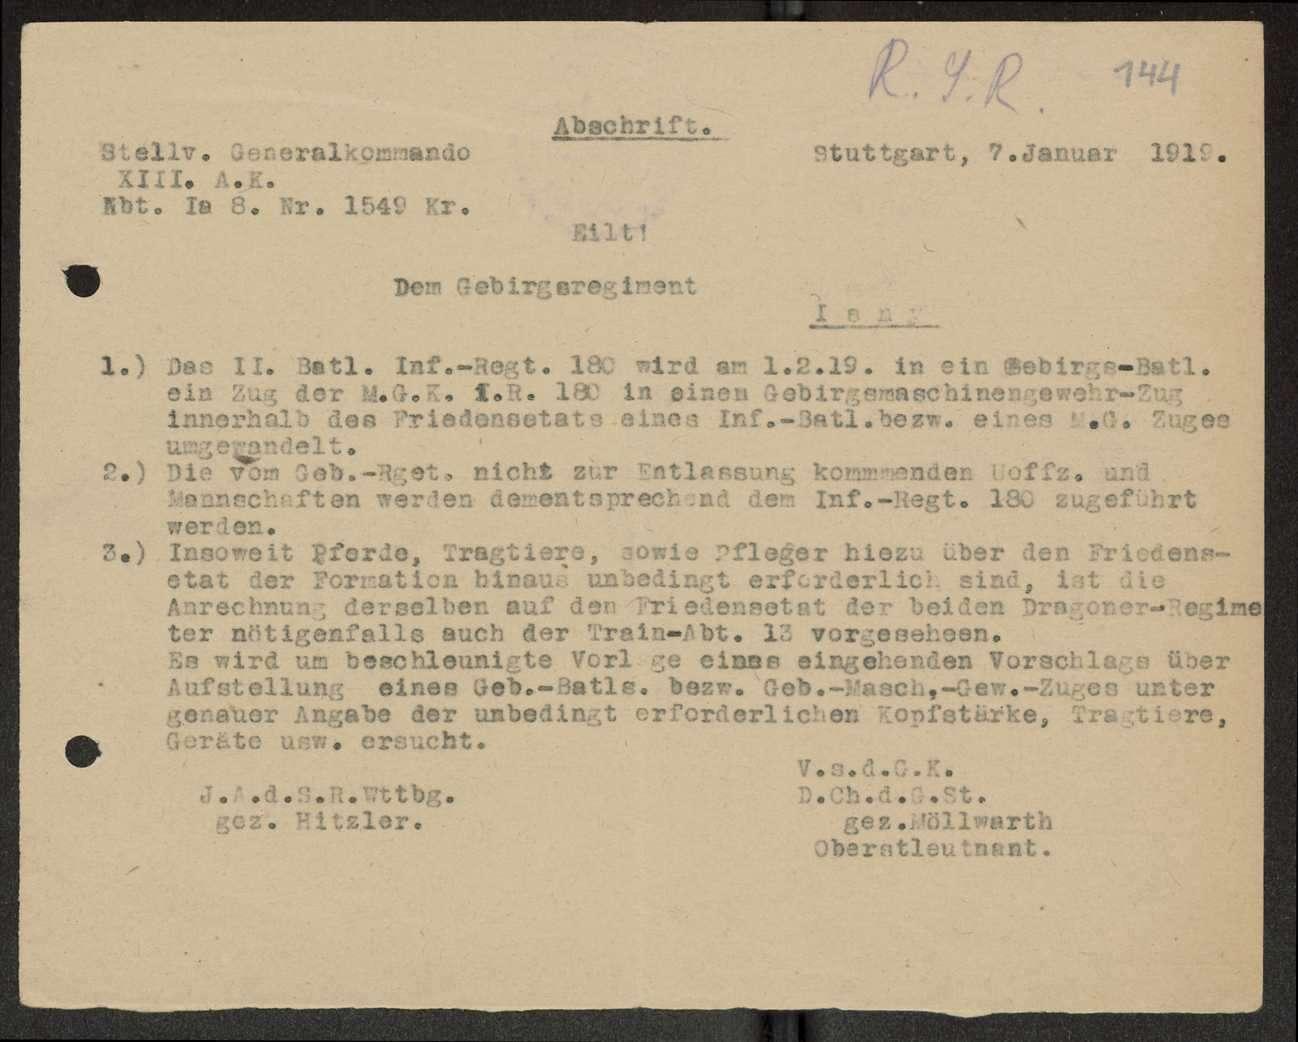 Auflösung des Gebirgsregiments, Überführung von Mannschaften zum Infanterie-Regiment Nr. 180, Bild 2